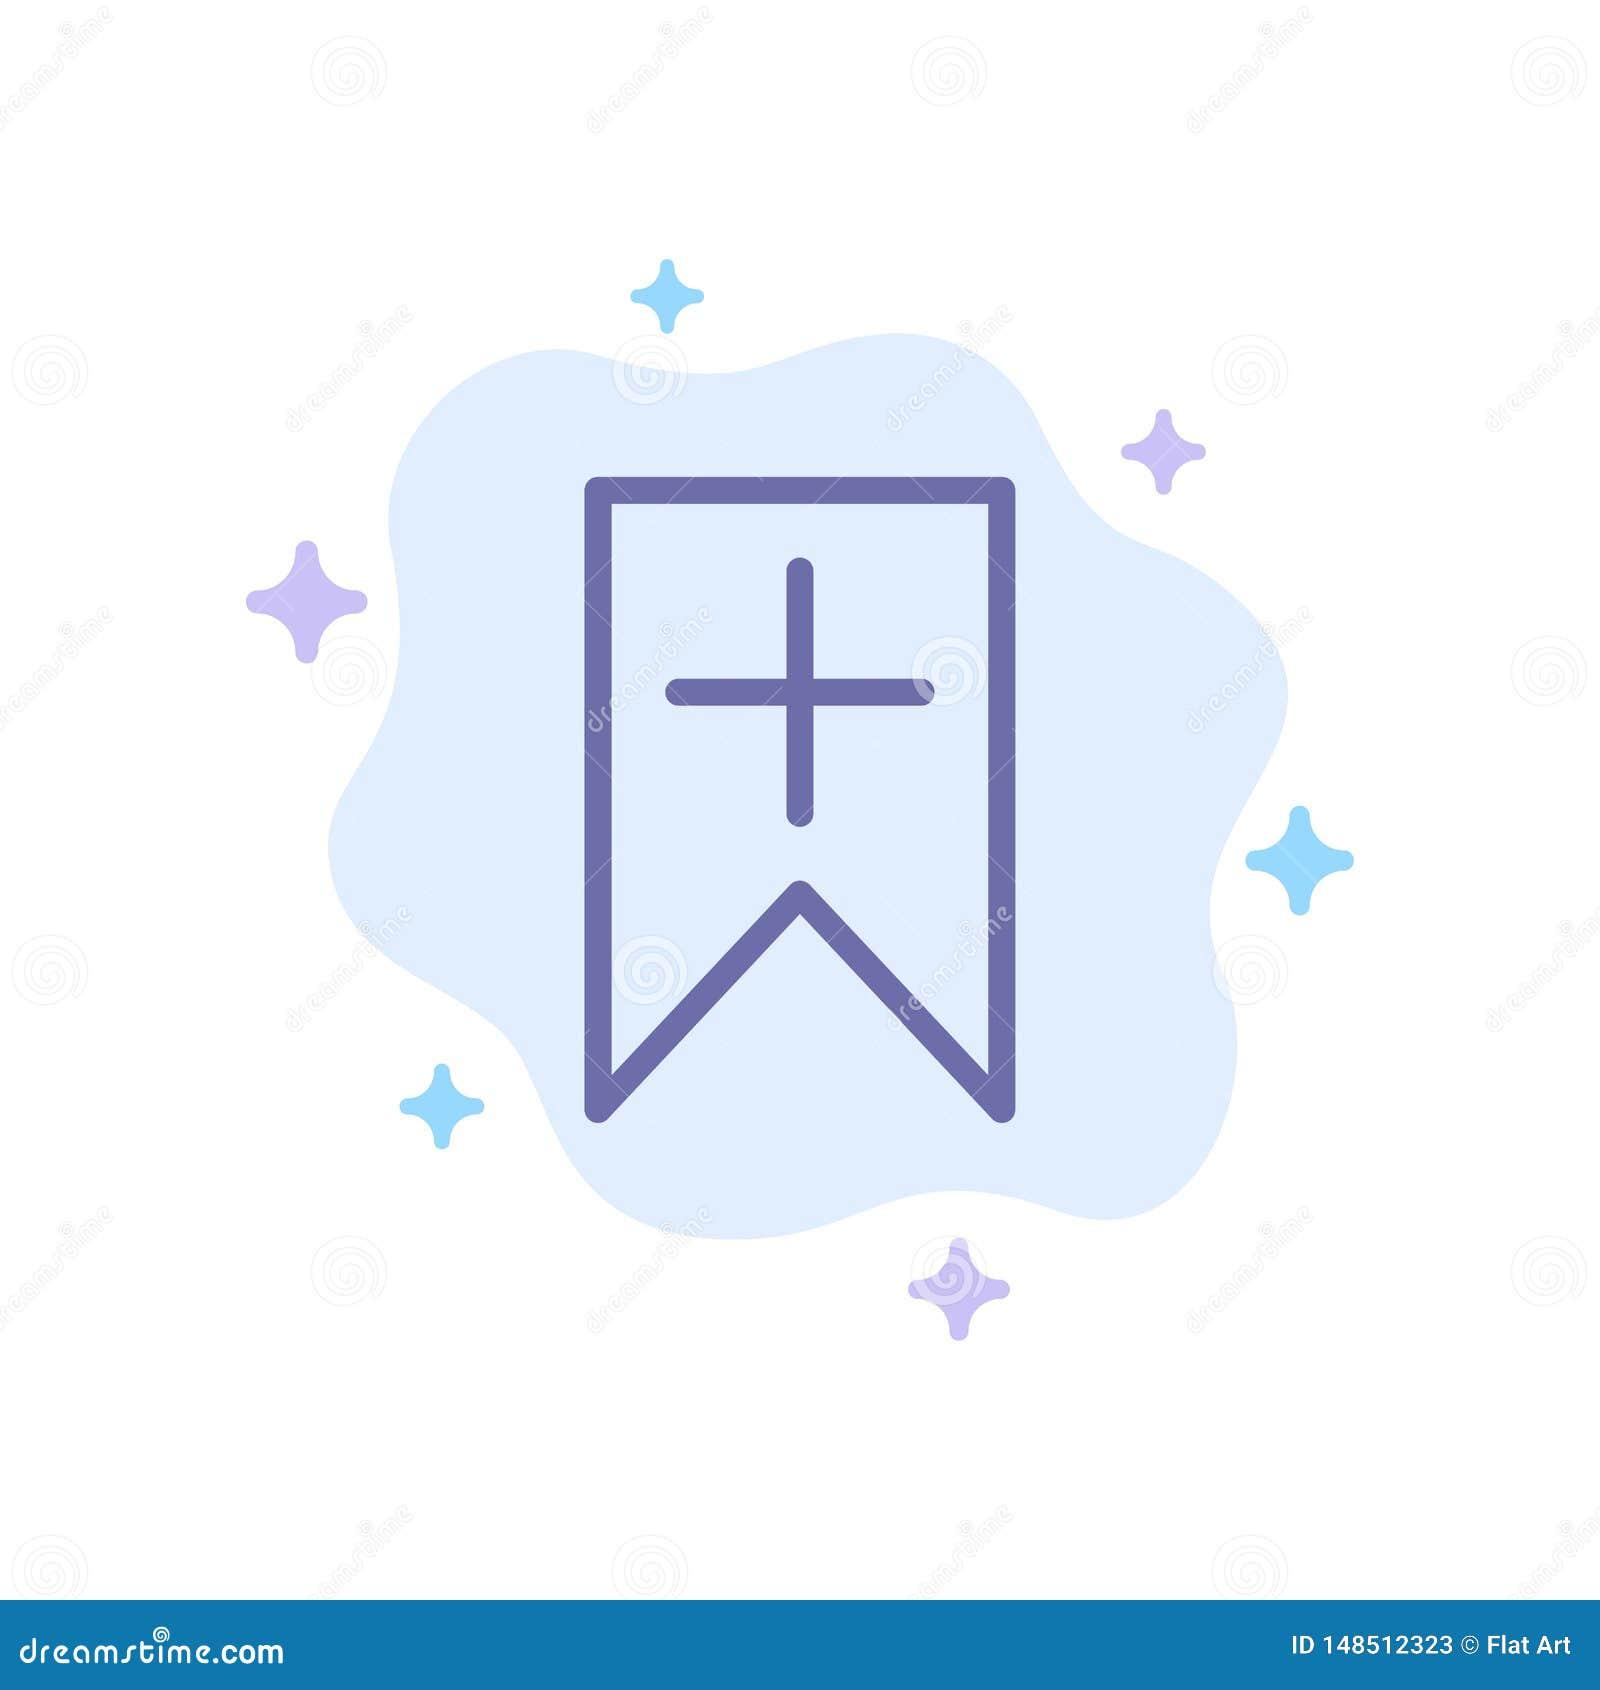 Ετικέττα, συν, διεπαφή, μπλε εικονίδιο χρηστών στο αφηρημένο υπόβαθρο σύννεφων